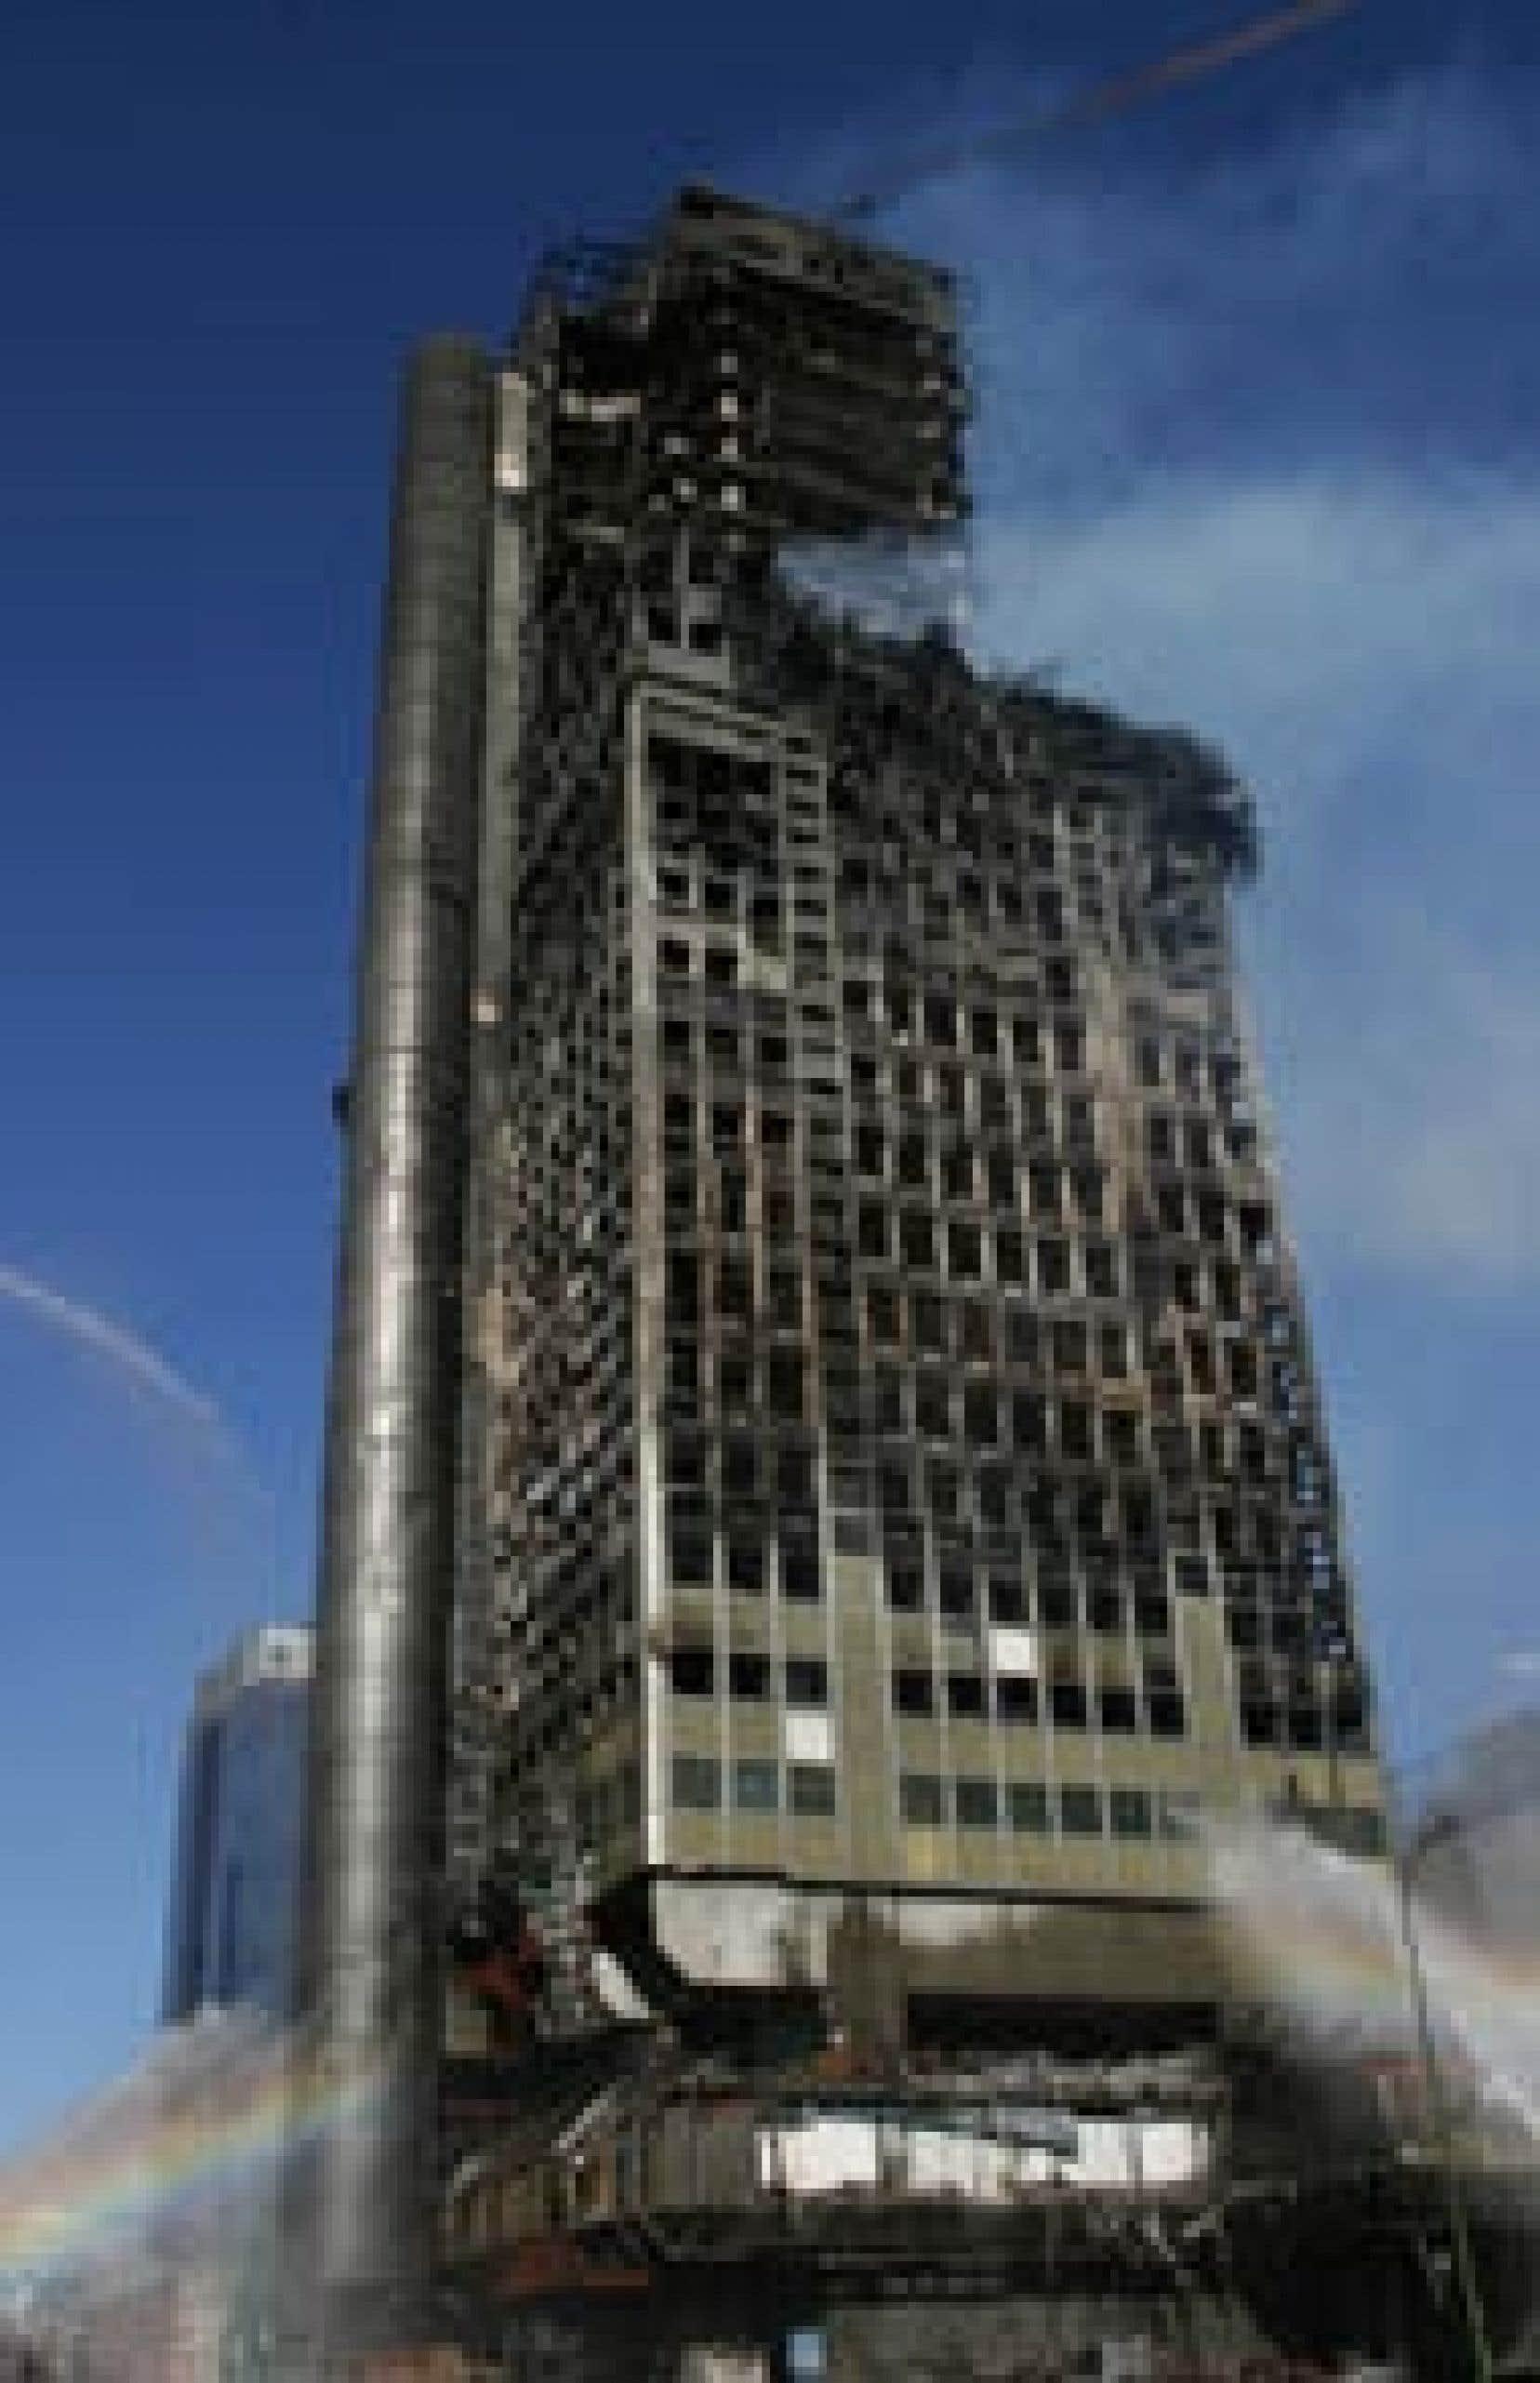 Au moins six étages supérieurs de la tour Windsor, en plein centre de Madrid, se sont effondrés sur des niveaux inférieurs trois heures après le début du sinistre.